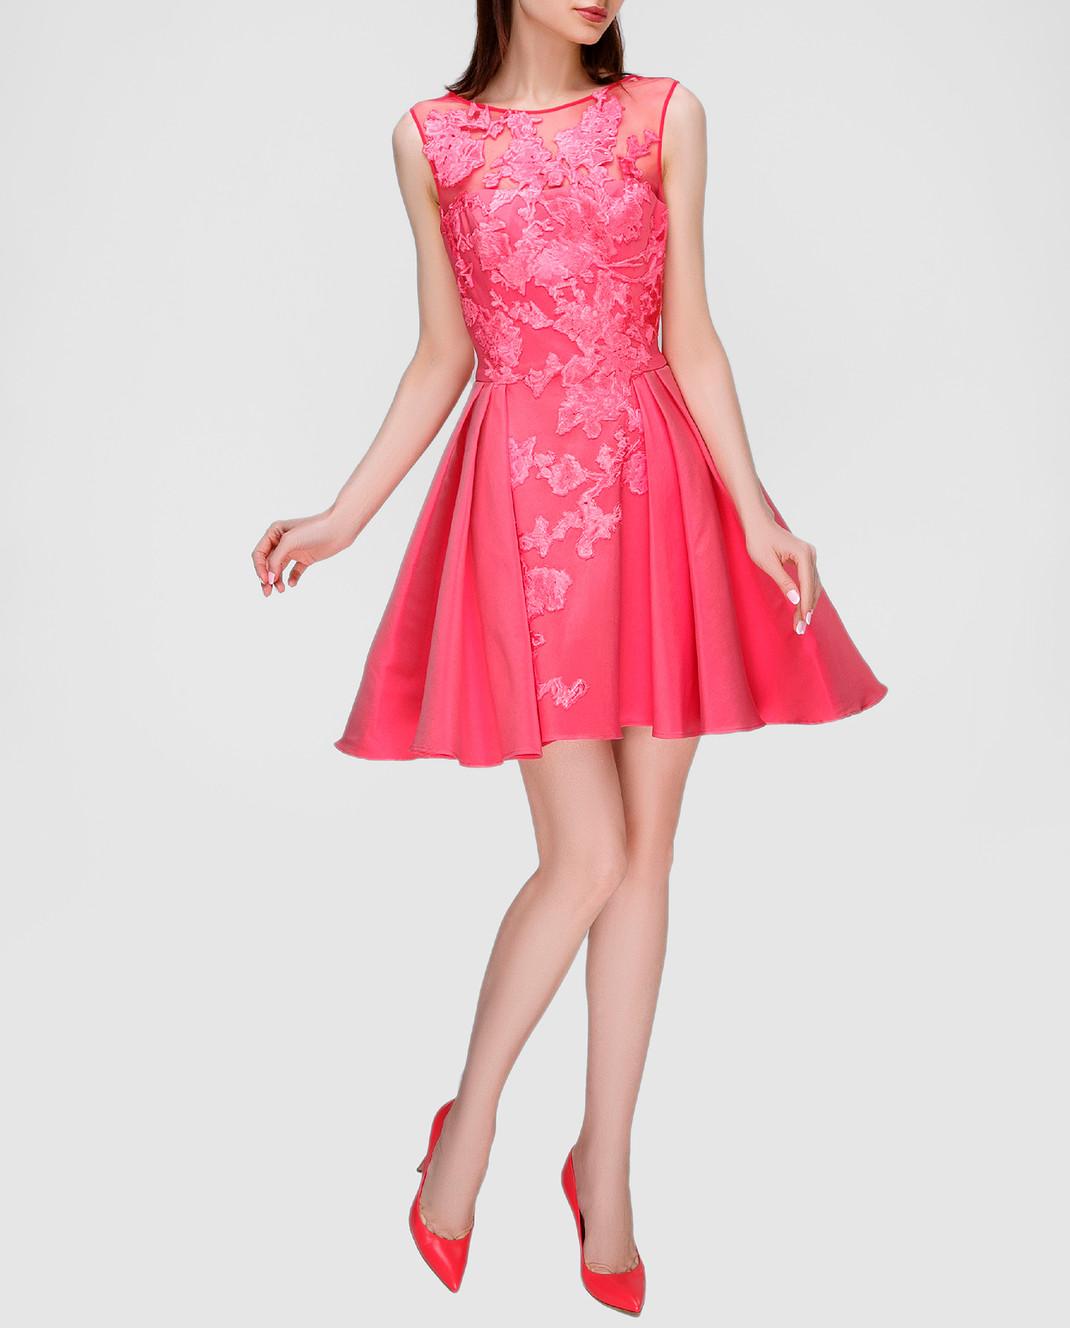 Zuhair Murad Розовое платье RDRS16047DS00 изображение 2